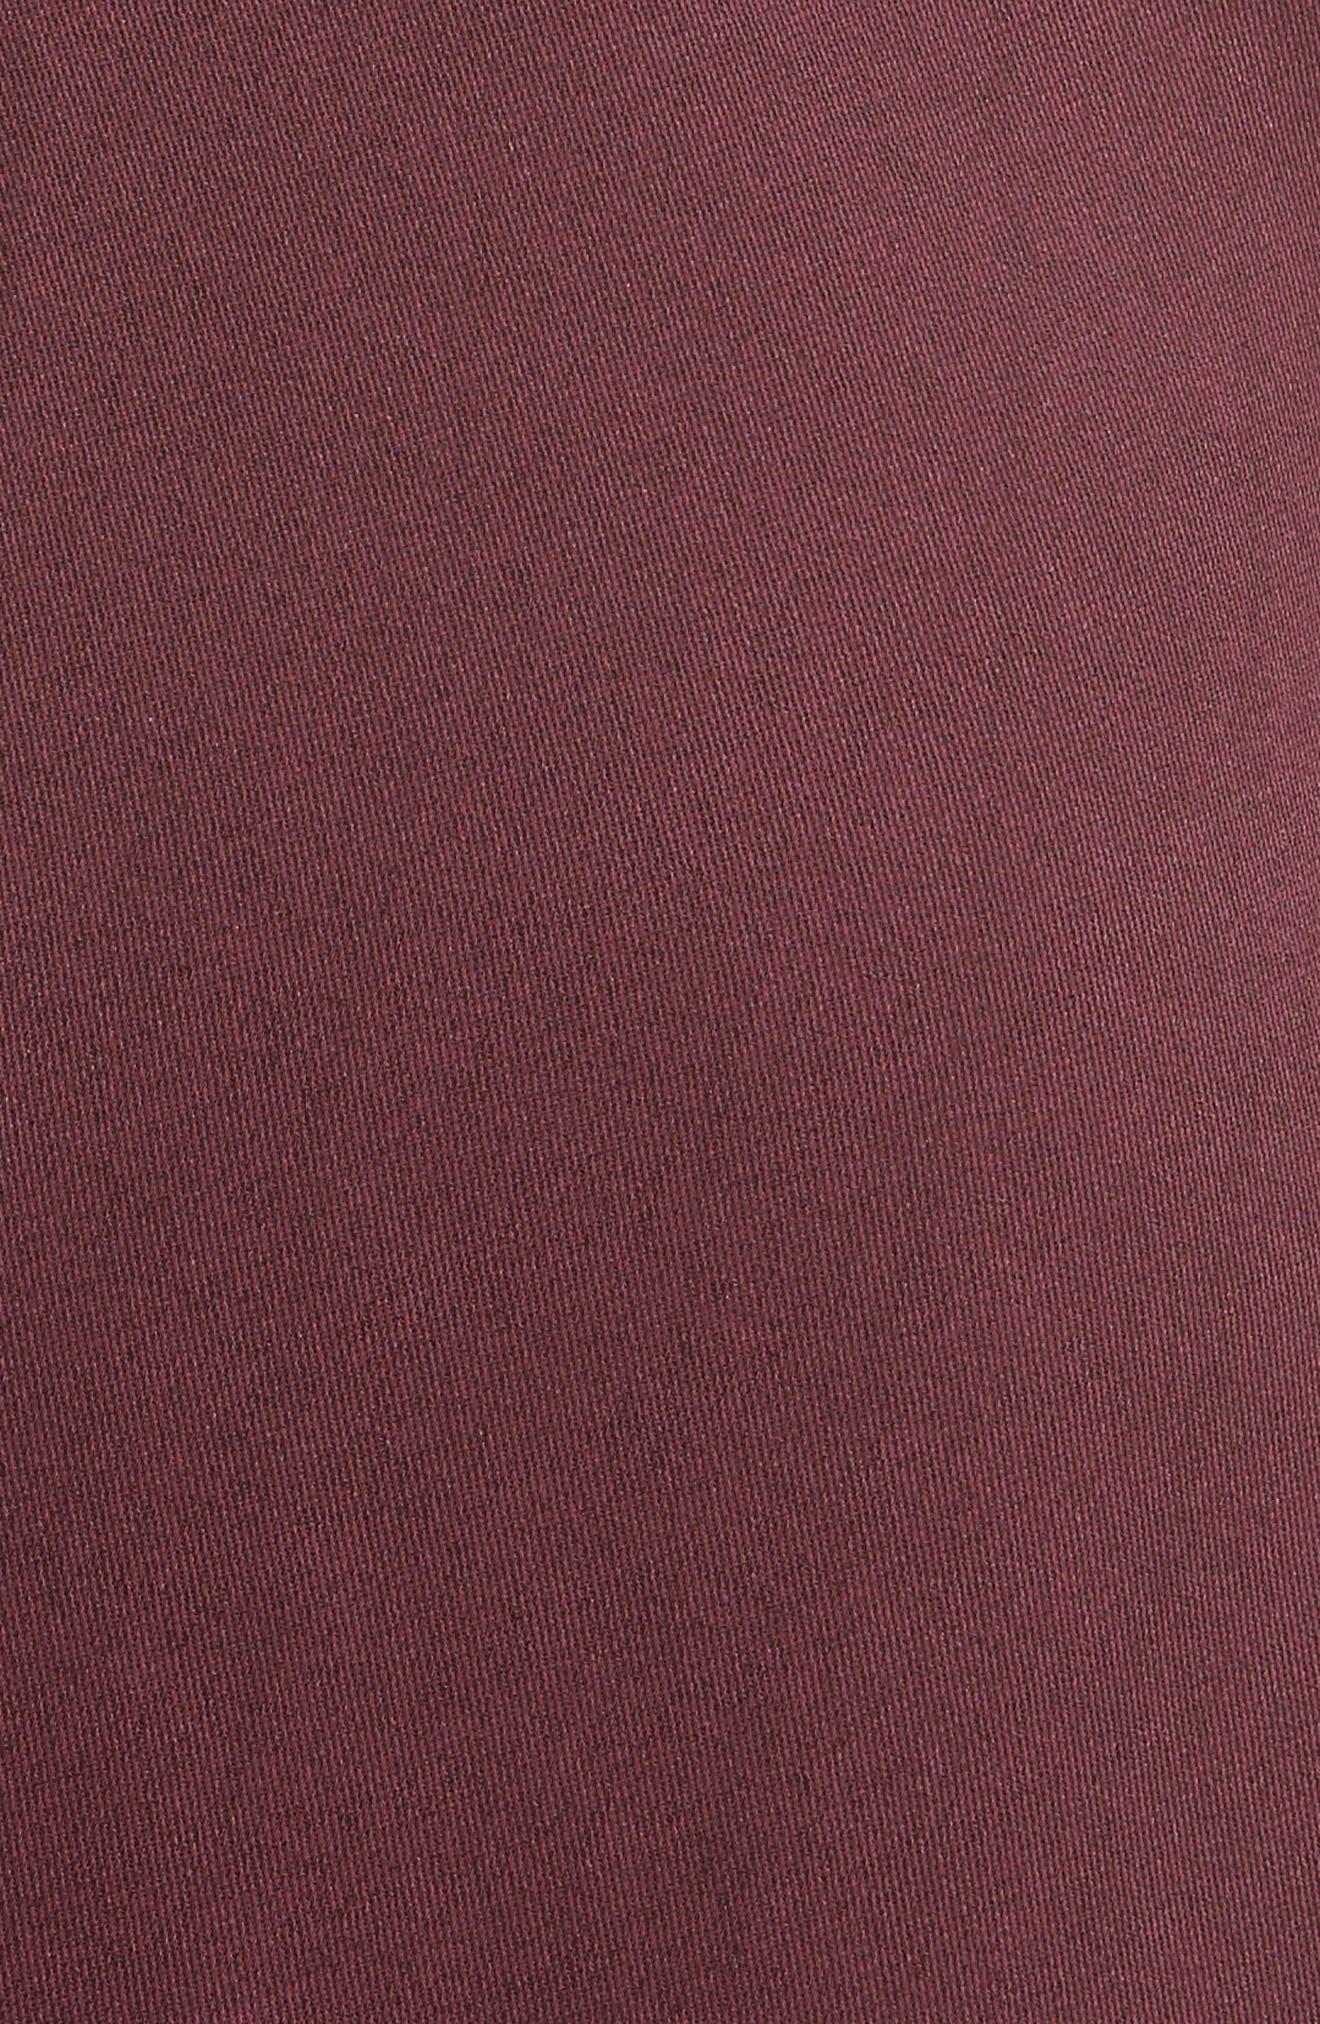 Lui Eco Drape One-Shoulder Dress,                             Alternate thumbnail 5, color,                             930